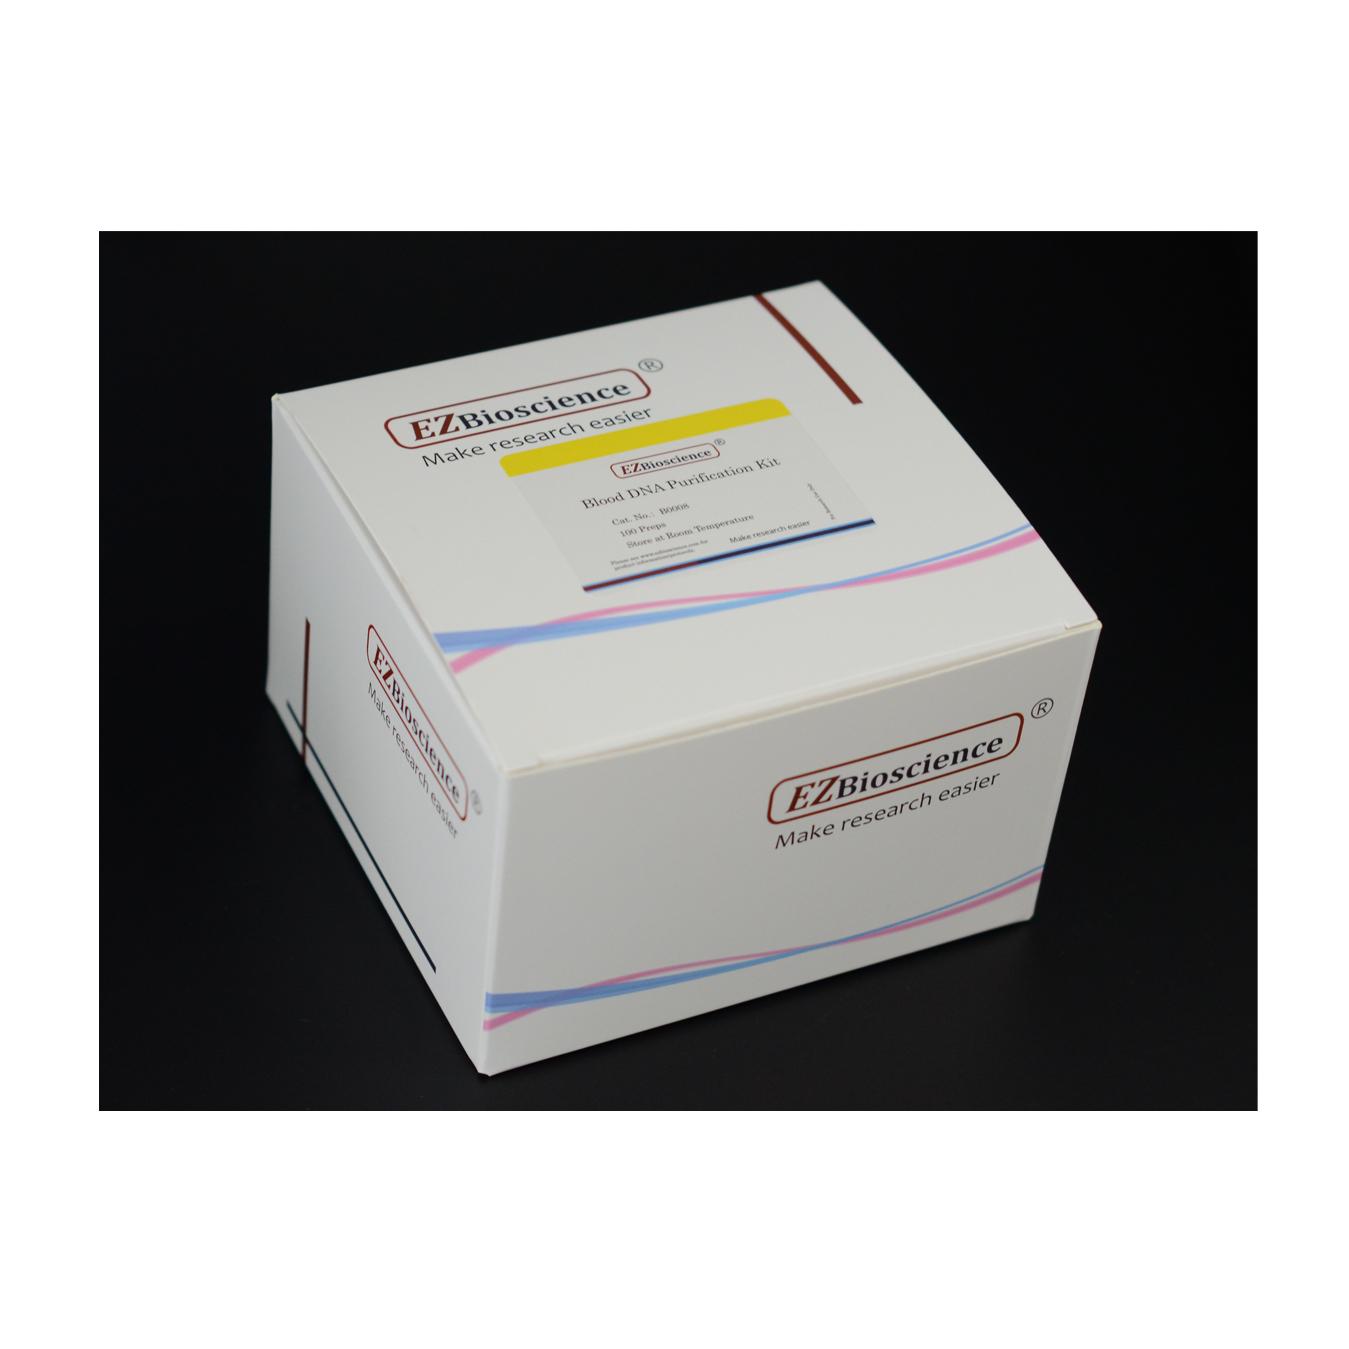 血液DNA提取试剂盒